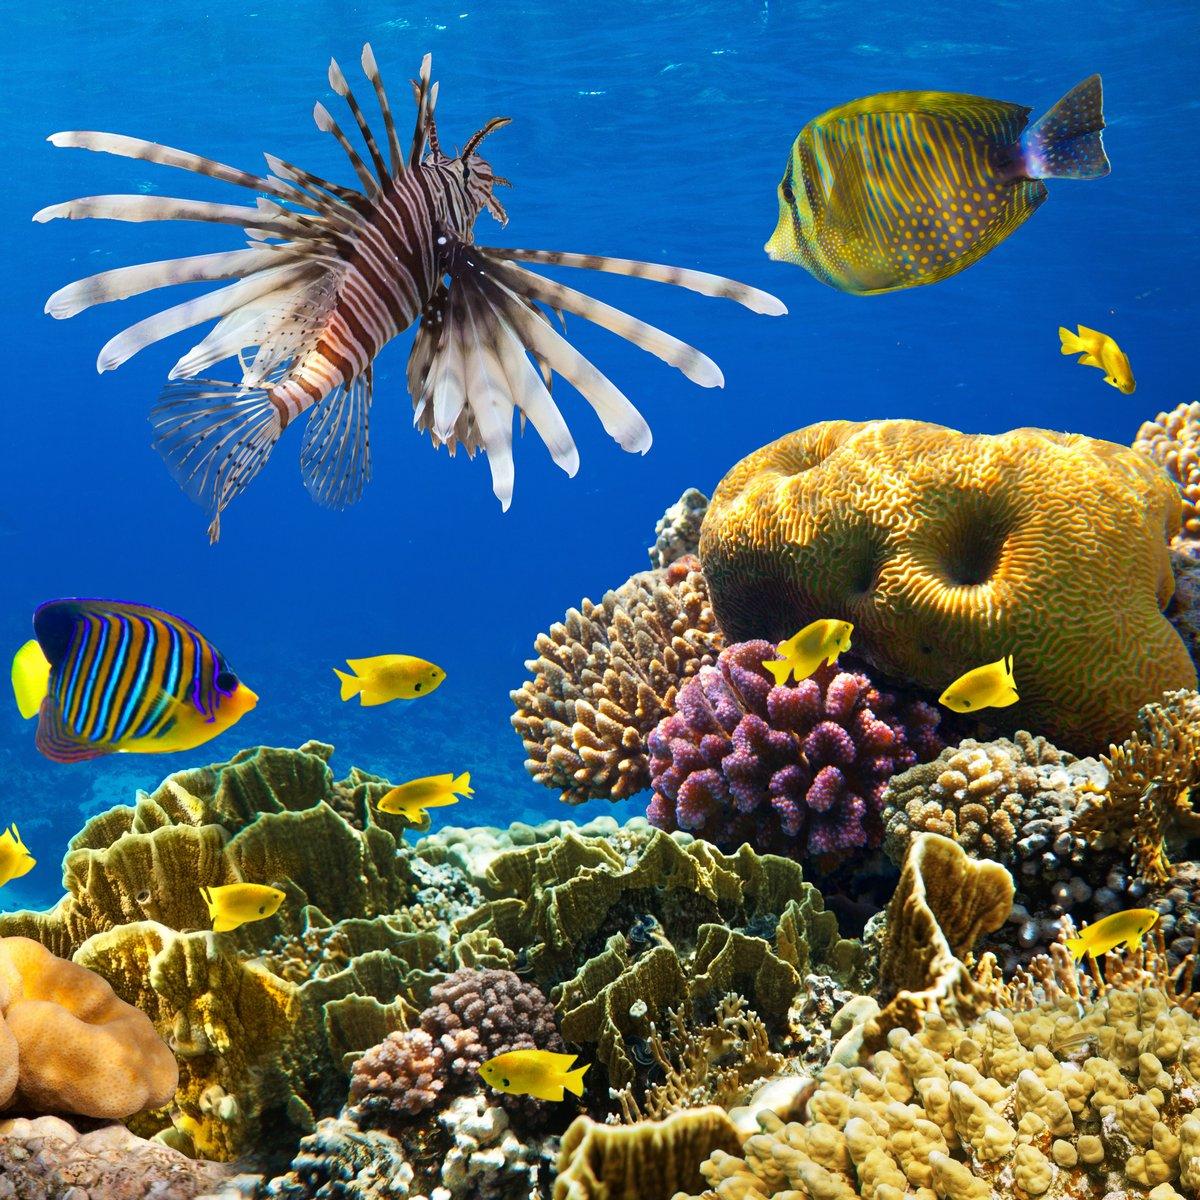 Постер Египет Колонии кораллов и коралловых рыбЕгипет<br>Постер на холсте или бумаге. Любого нужного вам размера. В раме или без. Подвес в комплекте. Трехслойная надежная упаковка. Доставим в любую точку России. Вам осталось только повесить картину на стену!<br>